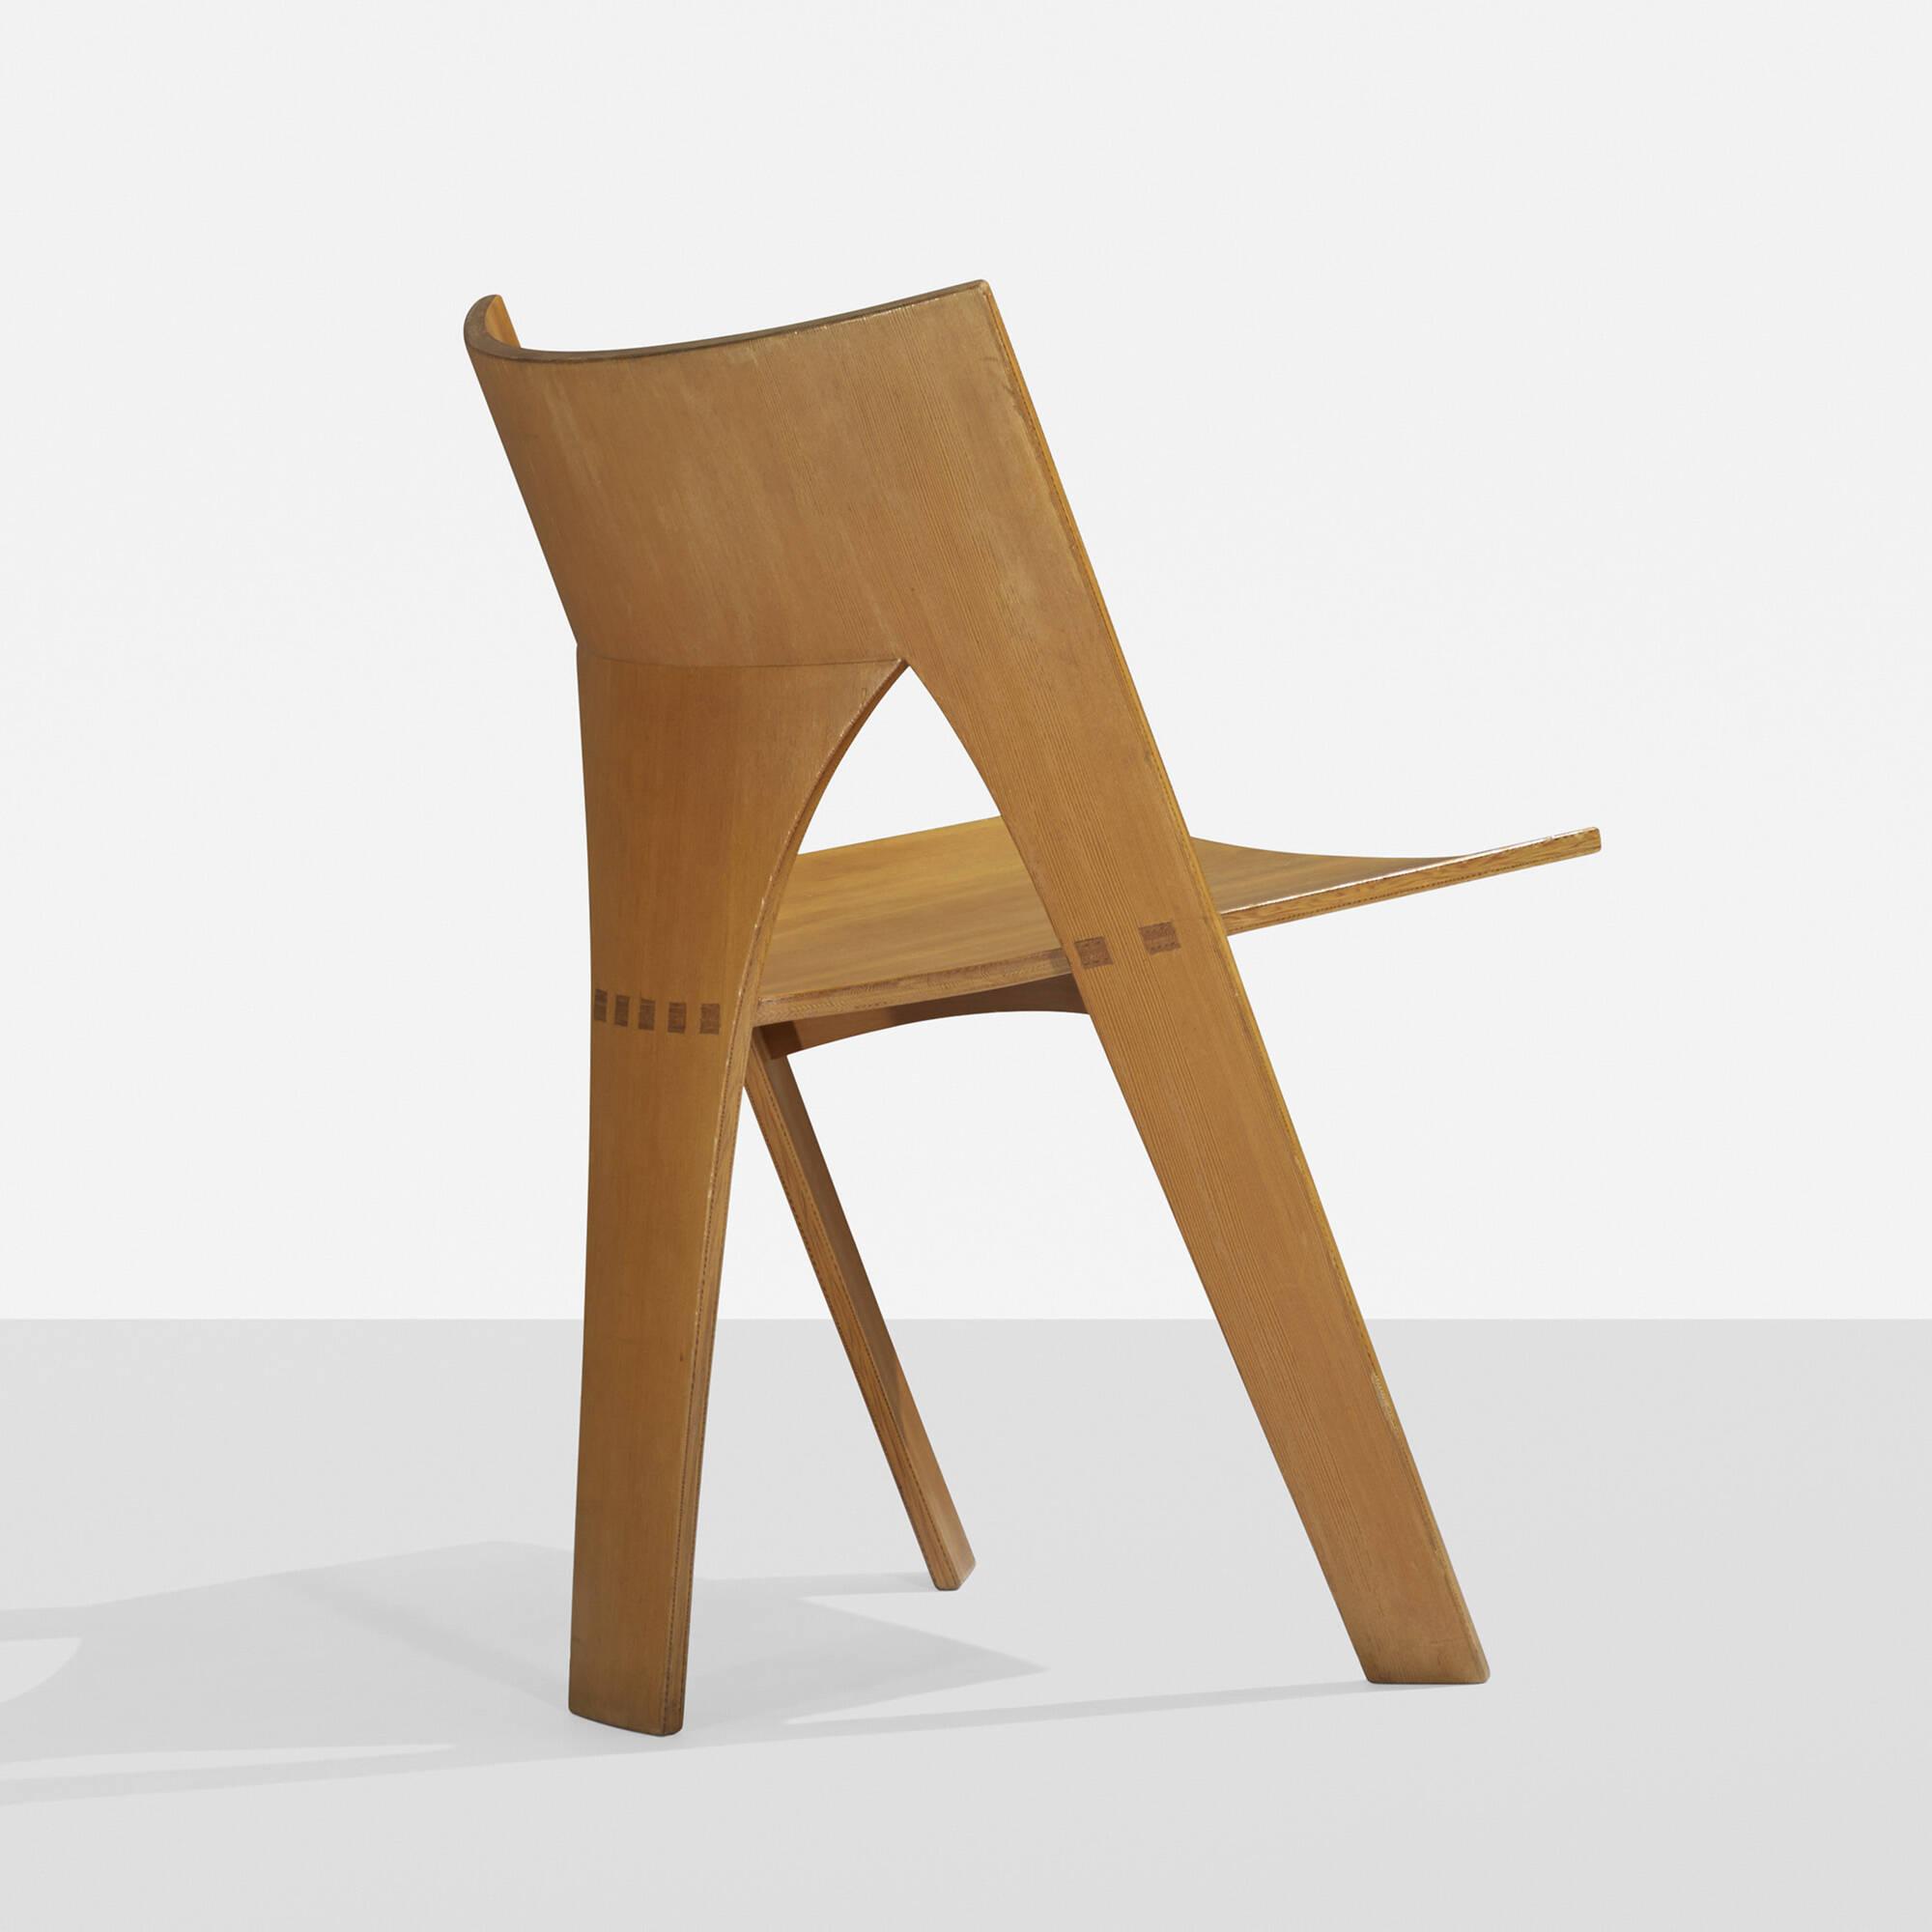 146 nanna ditzel chair for Chair design 2000